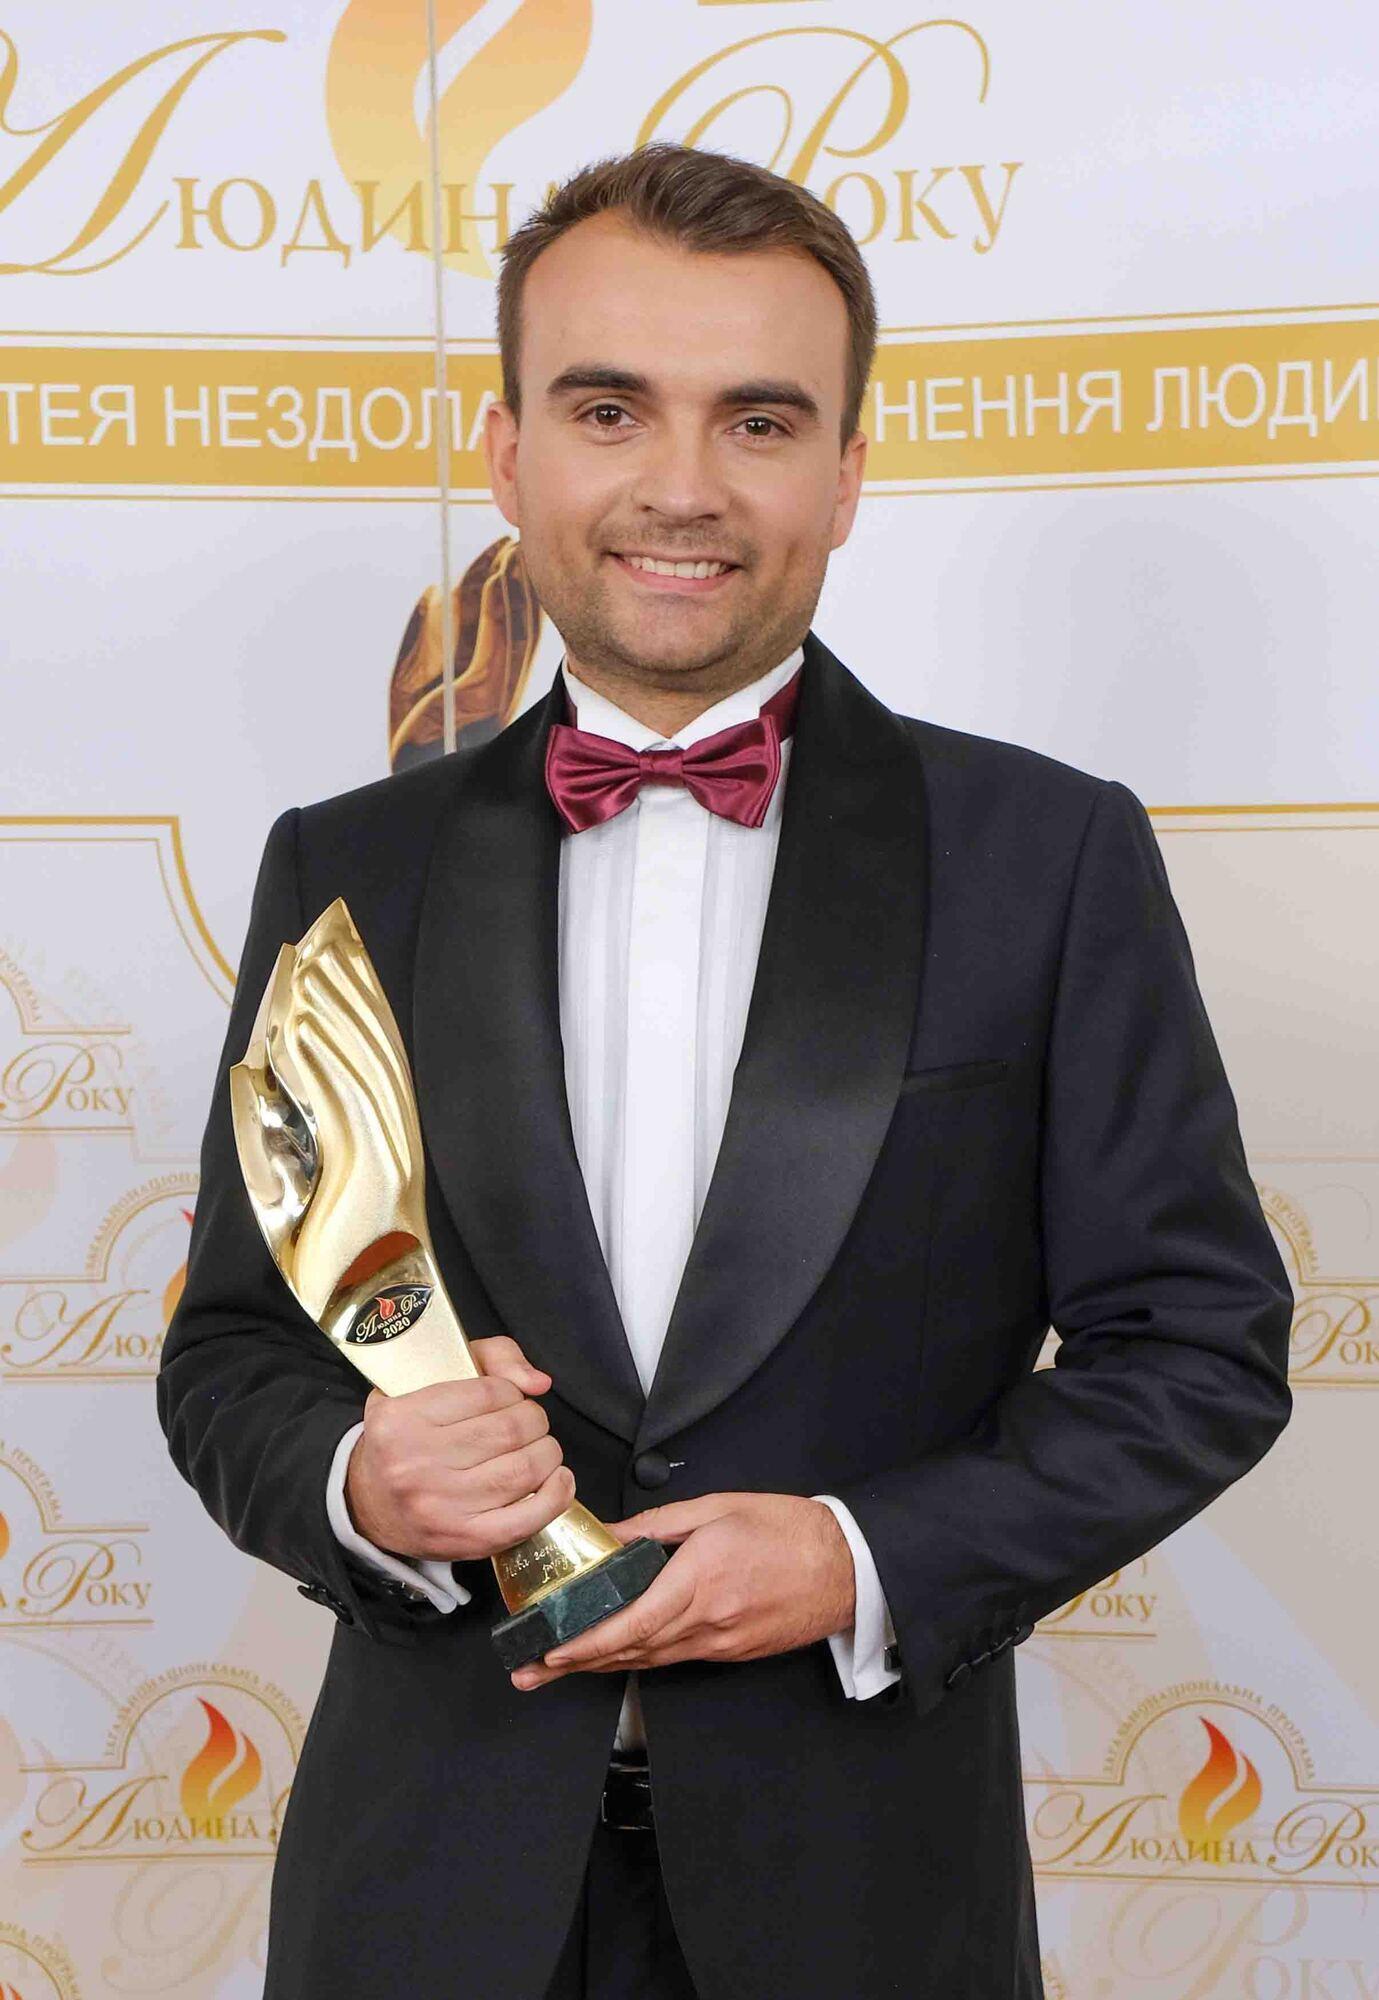 """Нагородження переможців 25-ї ювілейної загальнонаціональної премії """"Людина року-2020"""""""